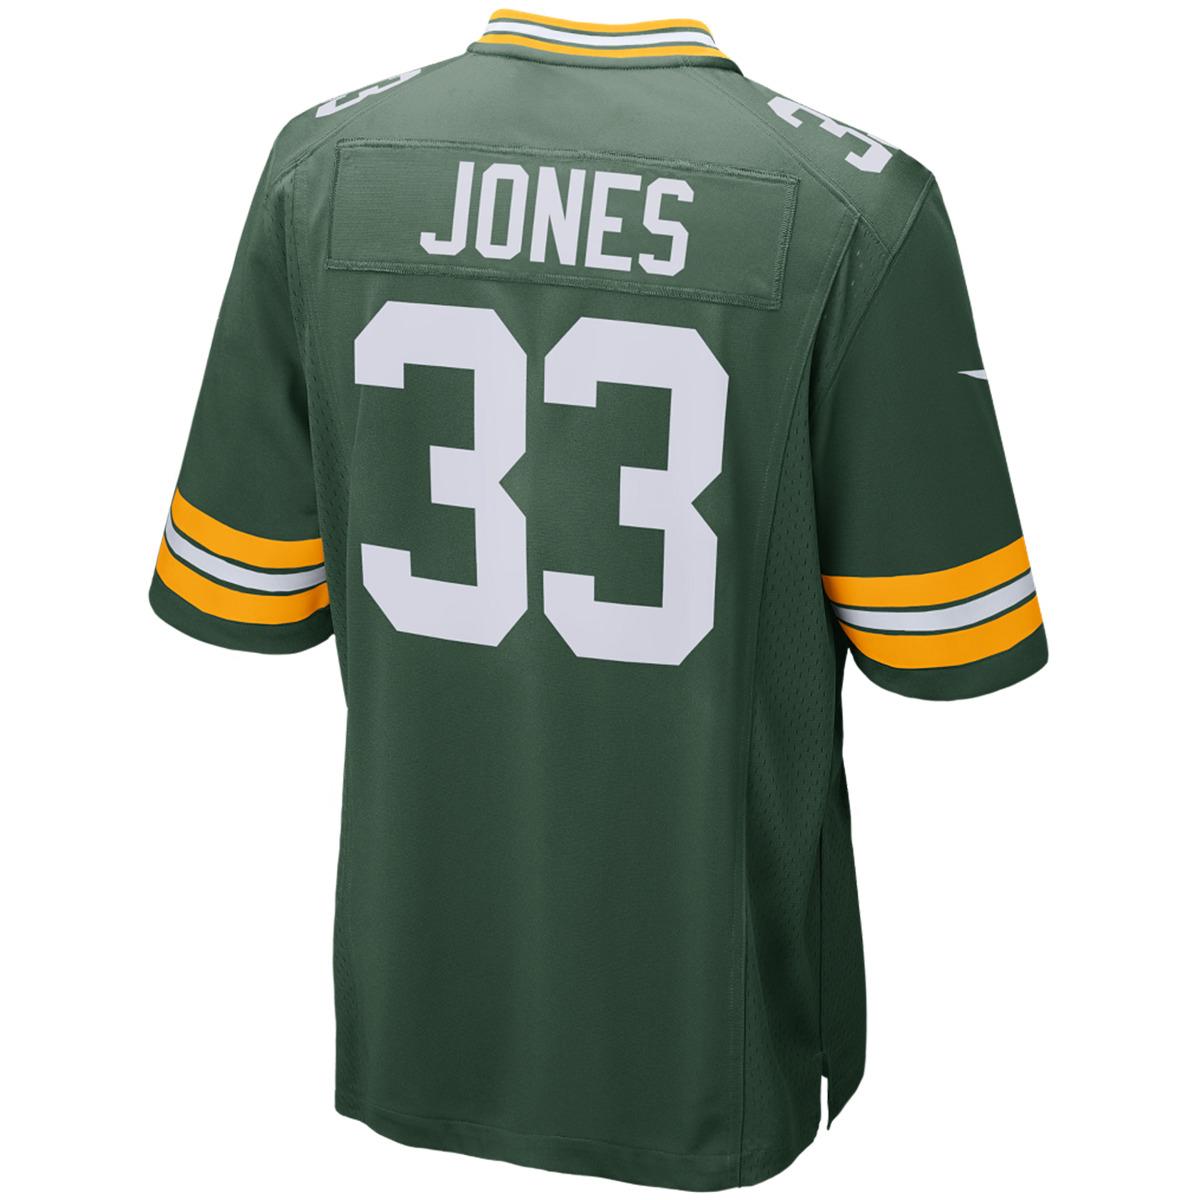 #33 Aaron Jones Home Game Jersey